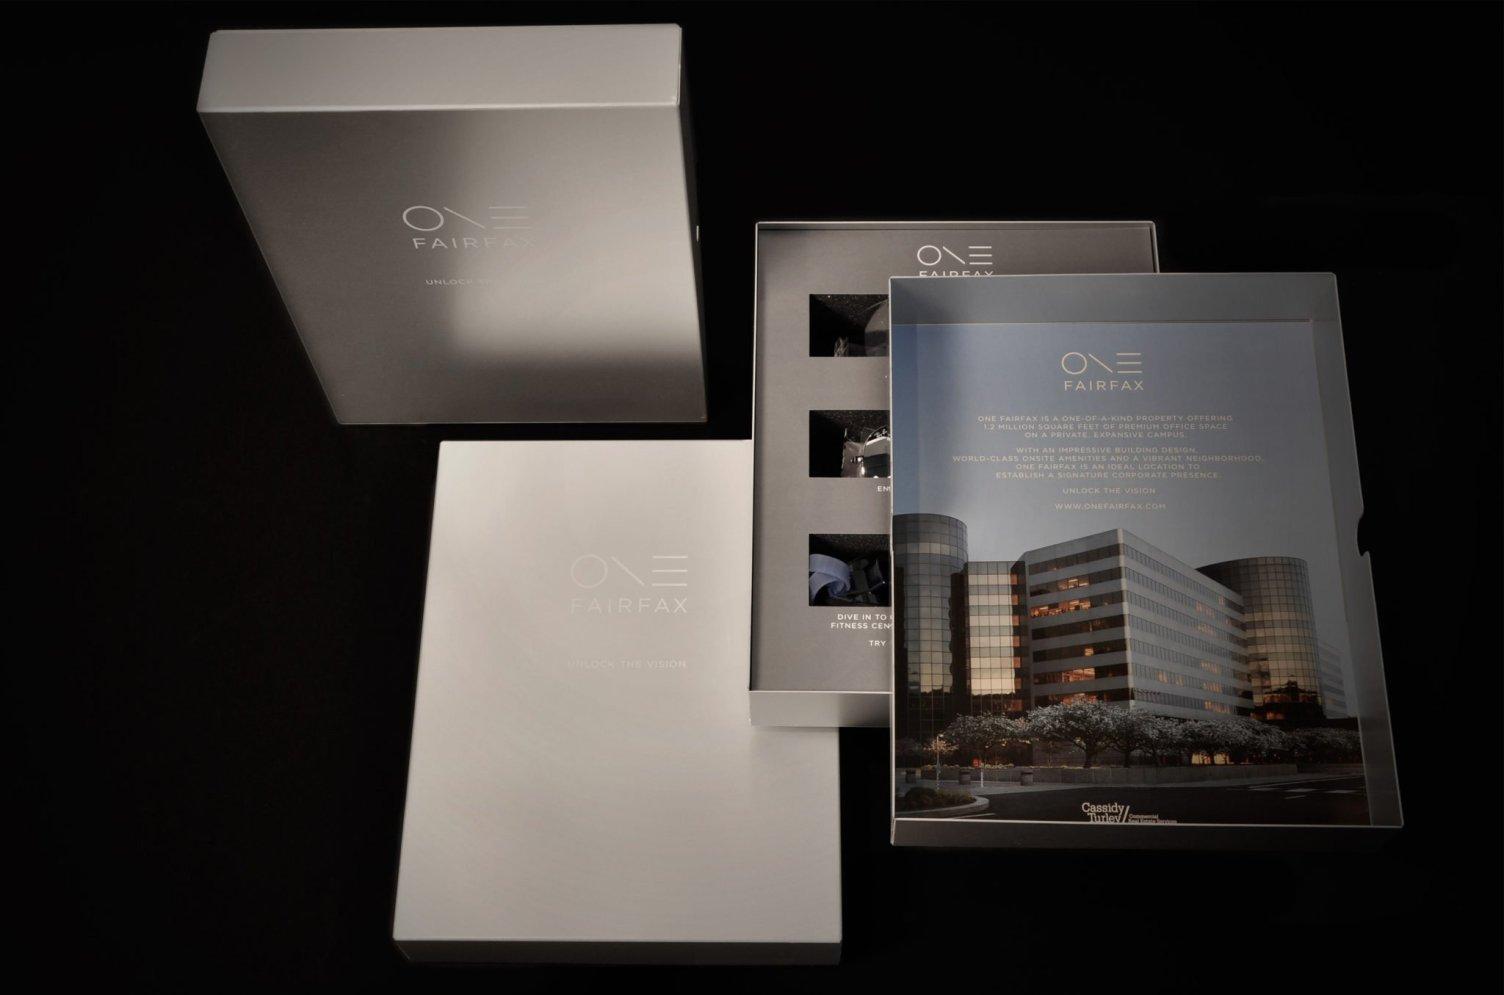 One Fairfax Print Materials